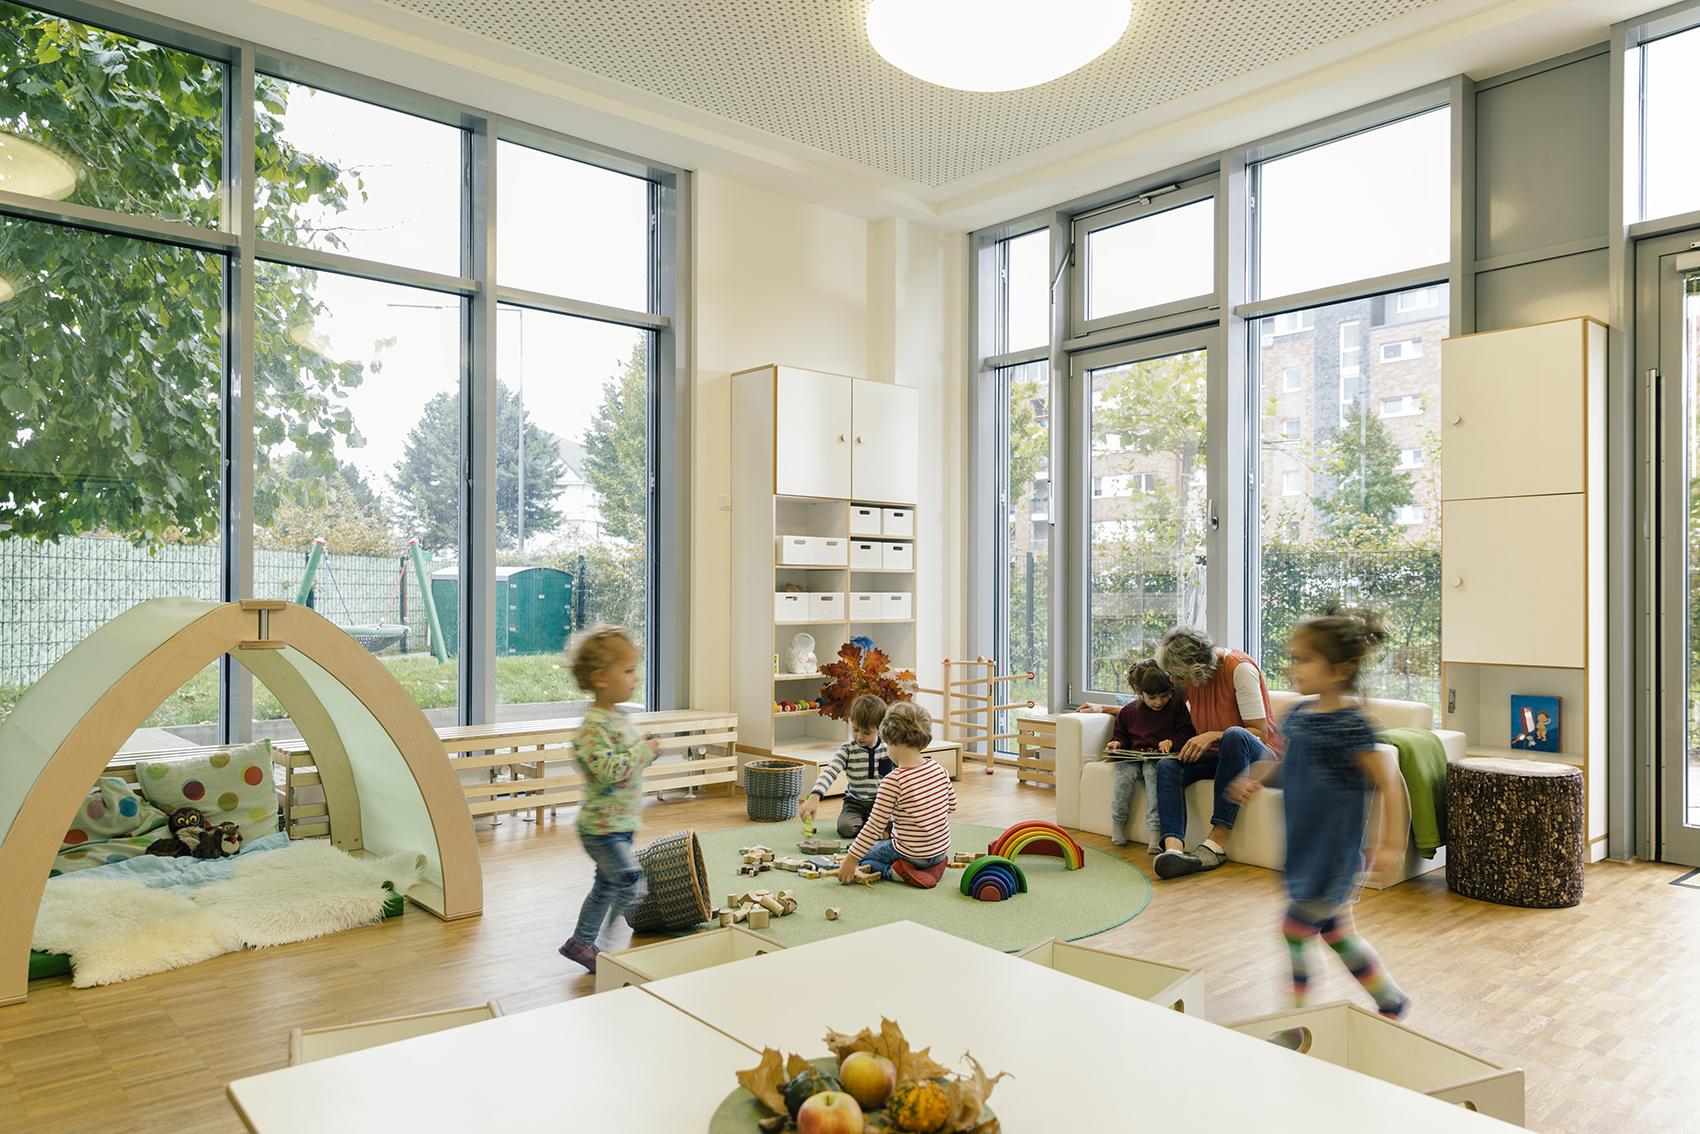 Kindergarten, Tagesmutter & Co – So findest du die richtige Betreuung für dein Kind